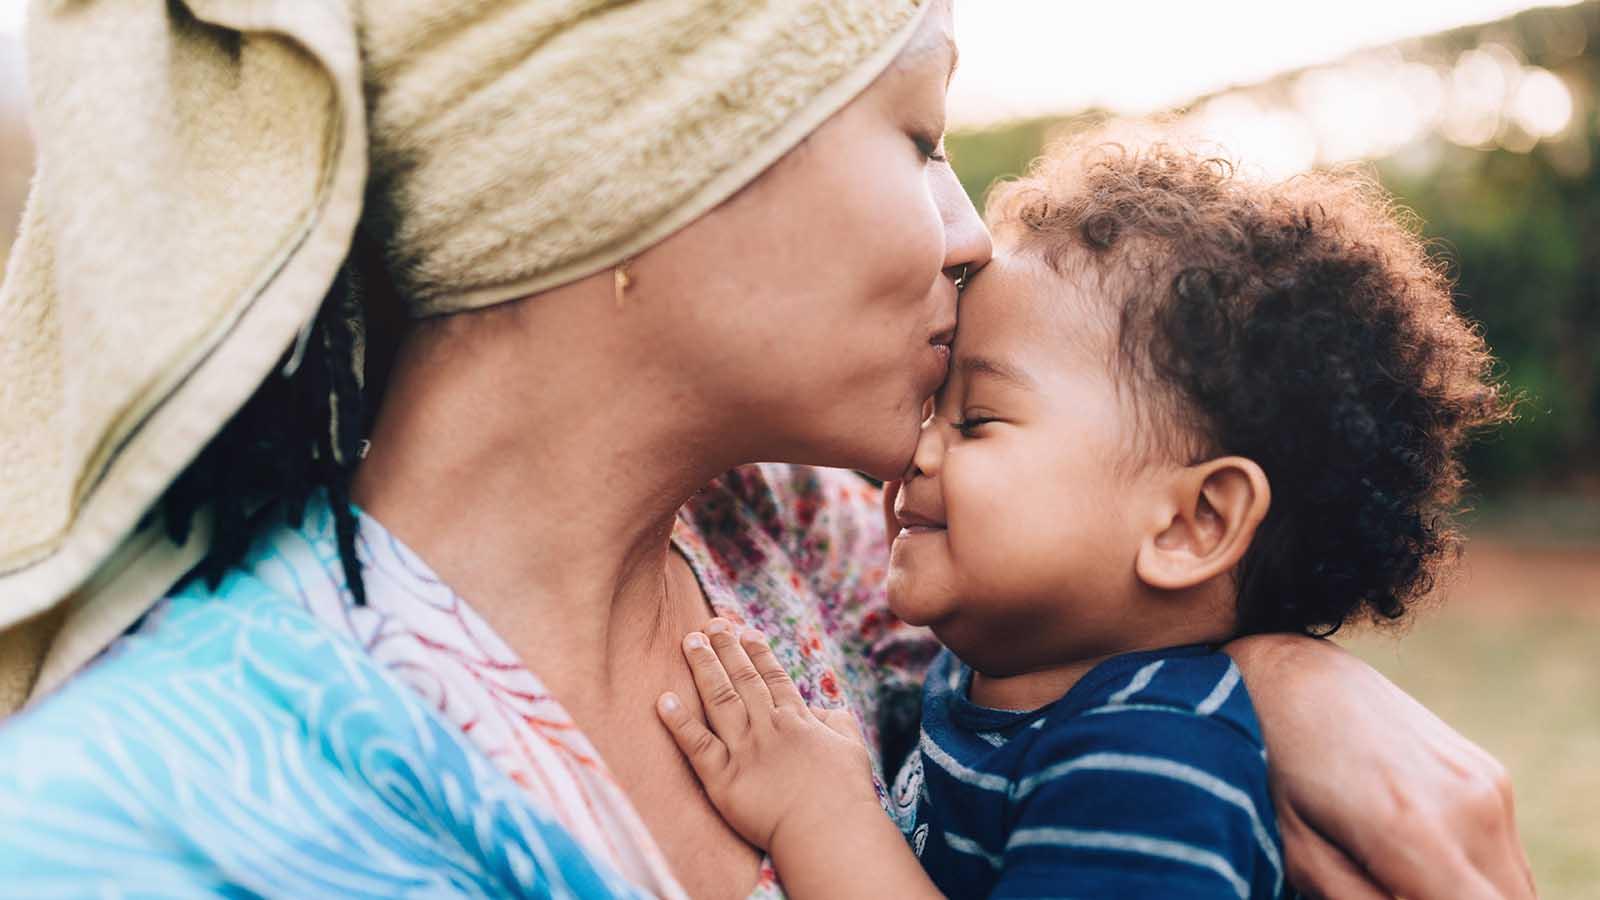 Une mère avec son enfant, conçu grâce au don de sperme